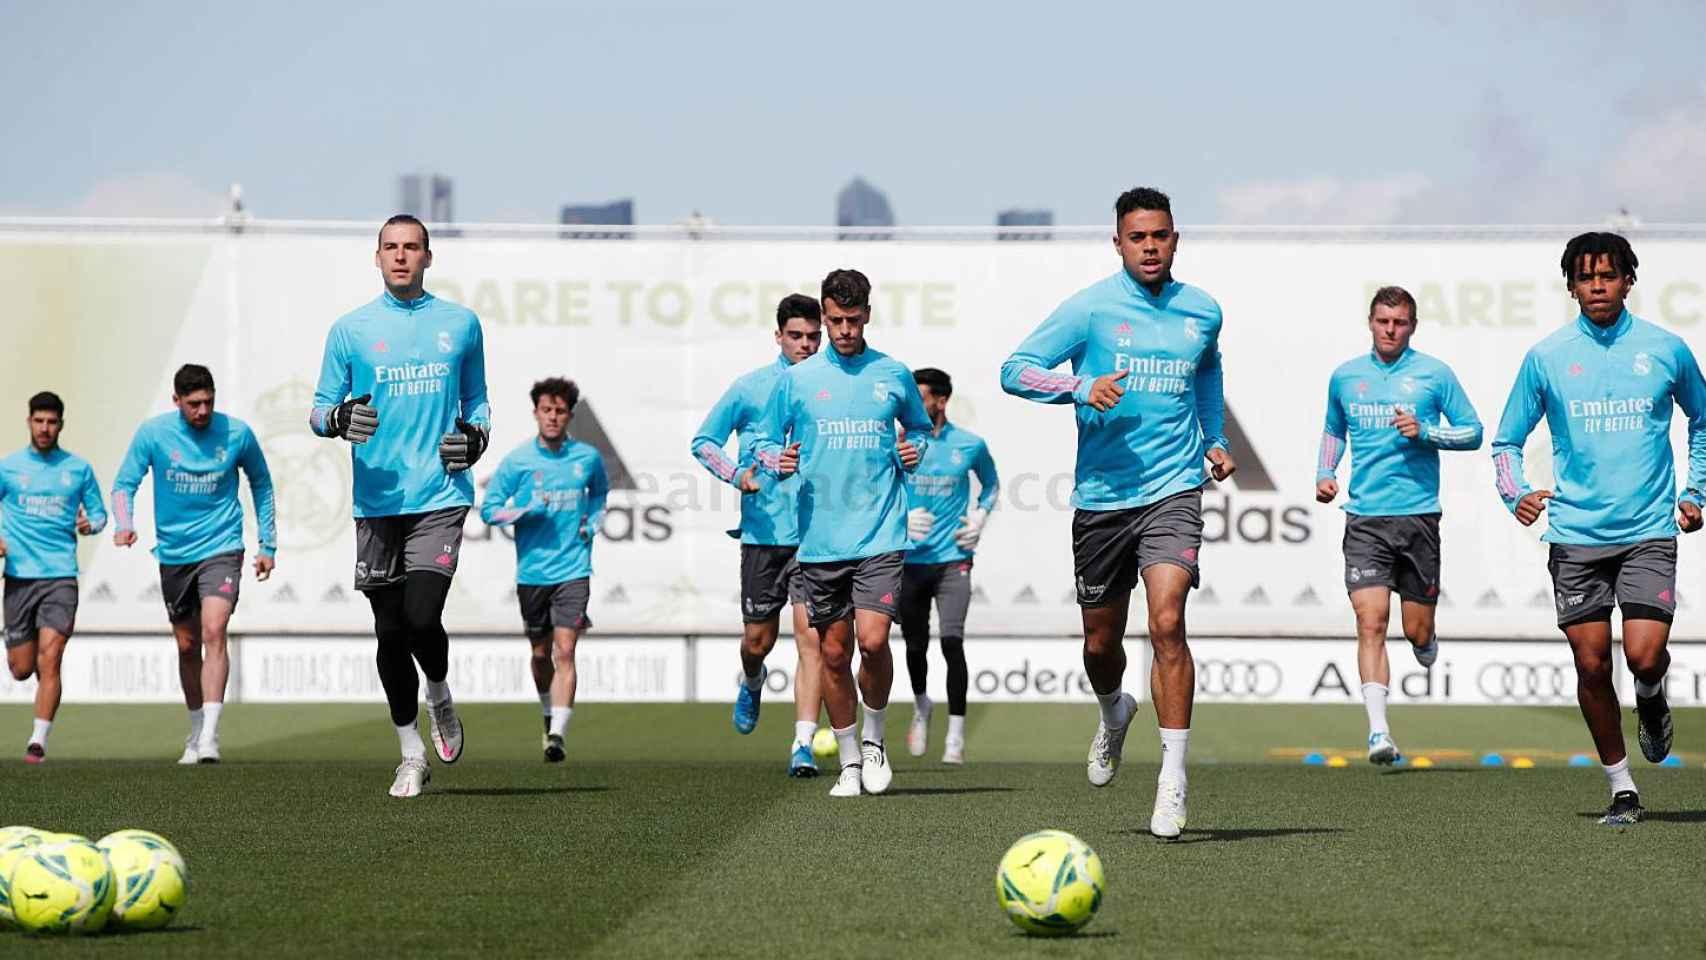 Marco Asensio, Fede Valverde, Andriy Lunin, Álvaro Odriozola, Miguel Gutiérrez, Antonio Blanco, Mariano Díaz, Toni Kroos y Víctor Rofino, durante un entrenamiento del Real Madrid